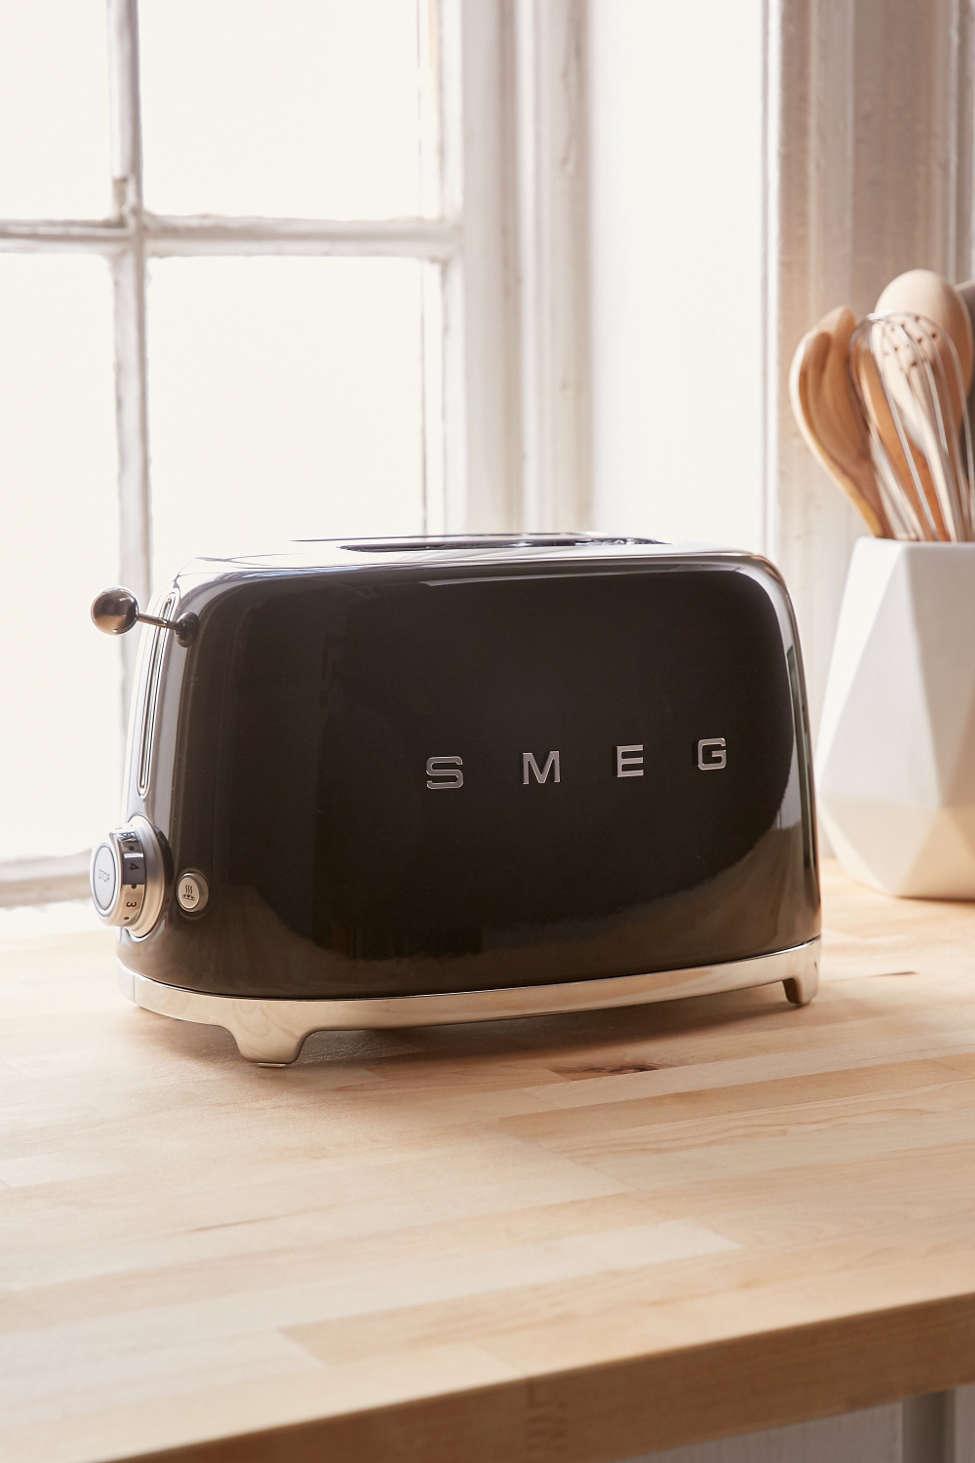 Slide View: 1: SMEG Two Slice Toaster